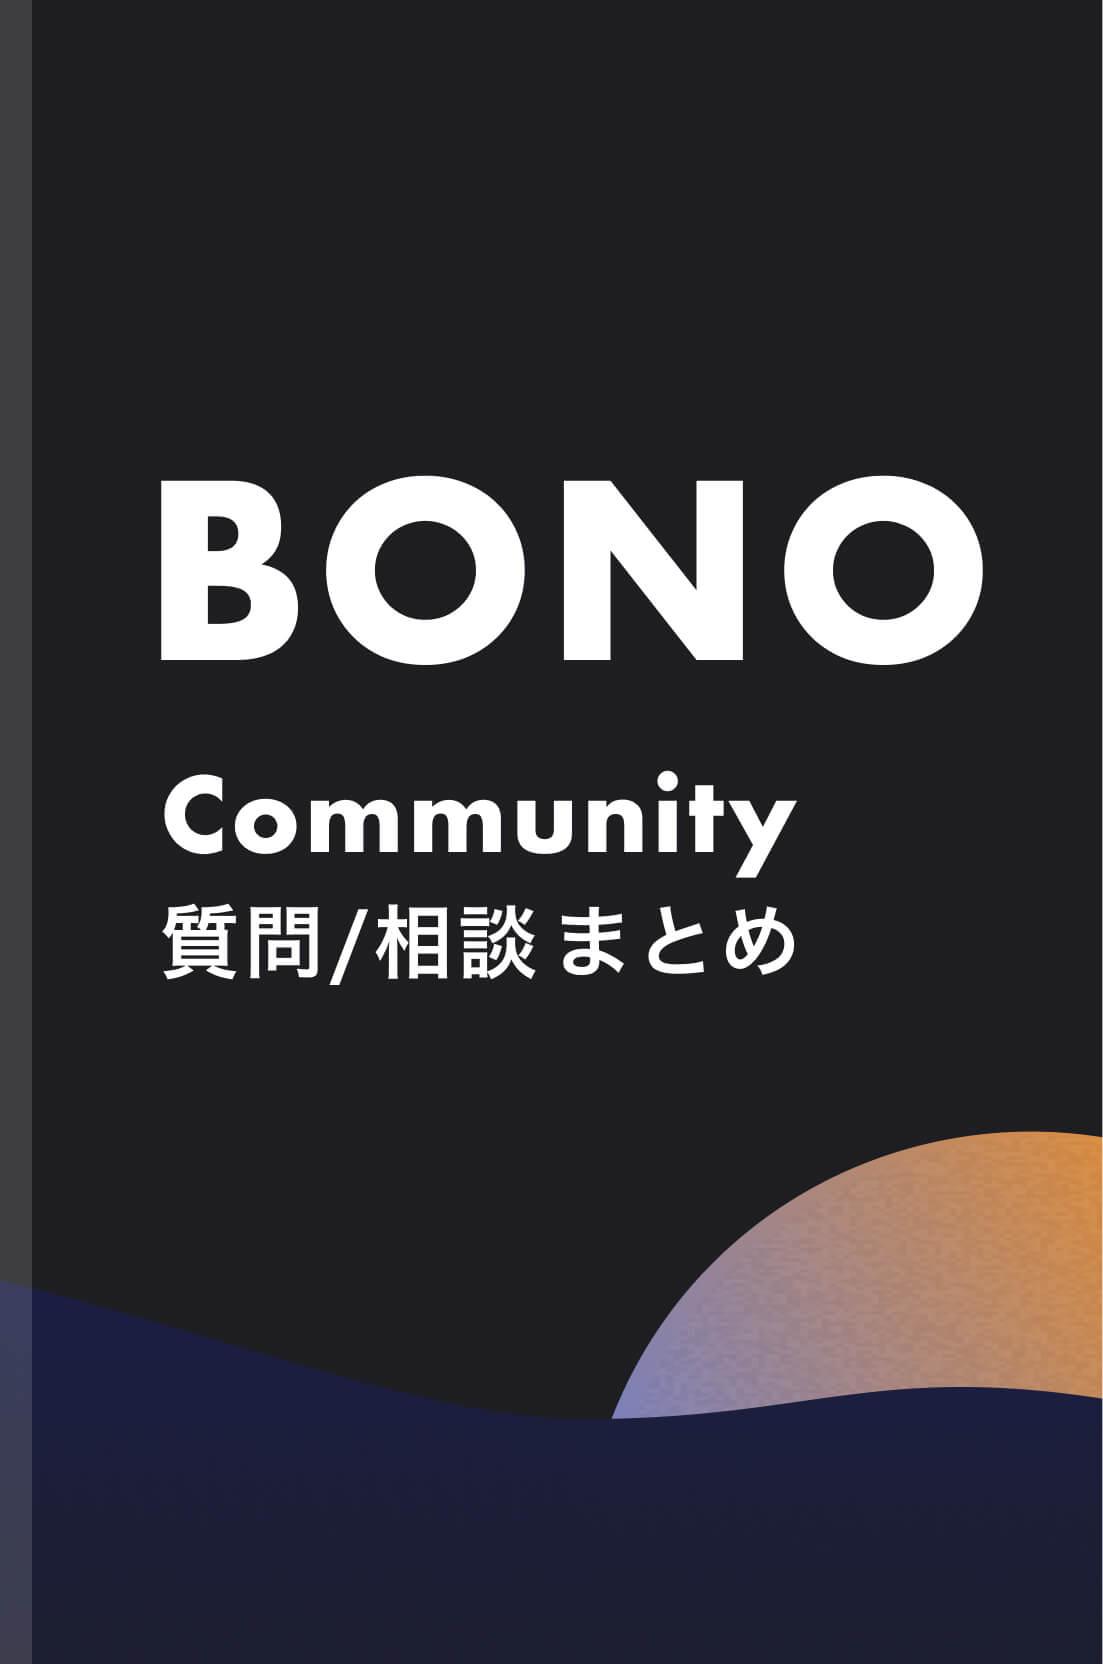 BONOコミュニティ